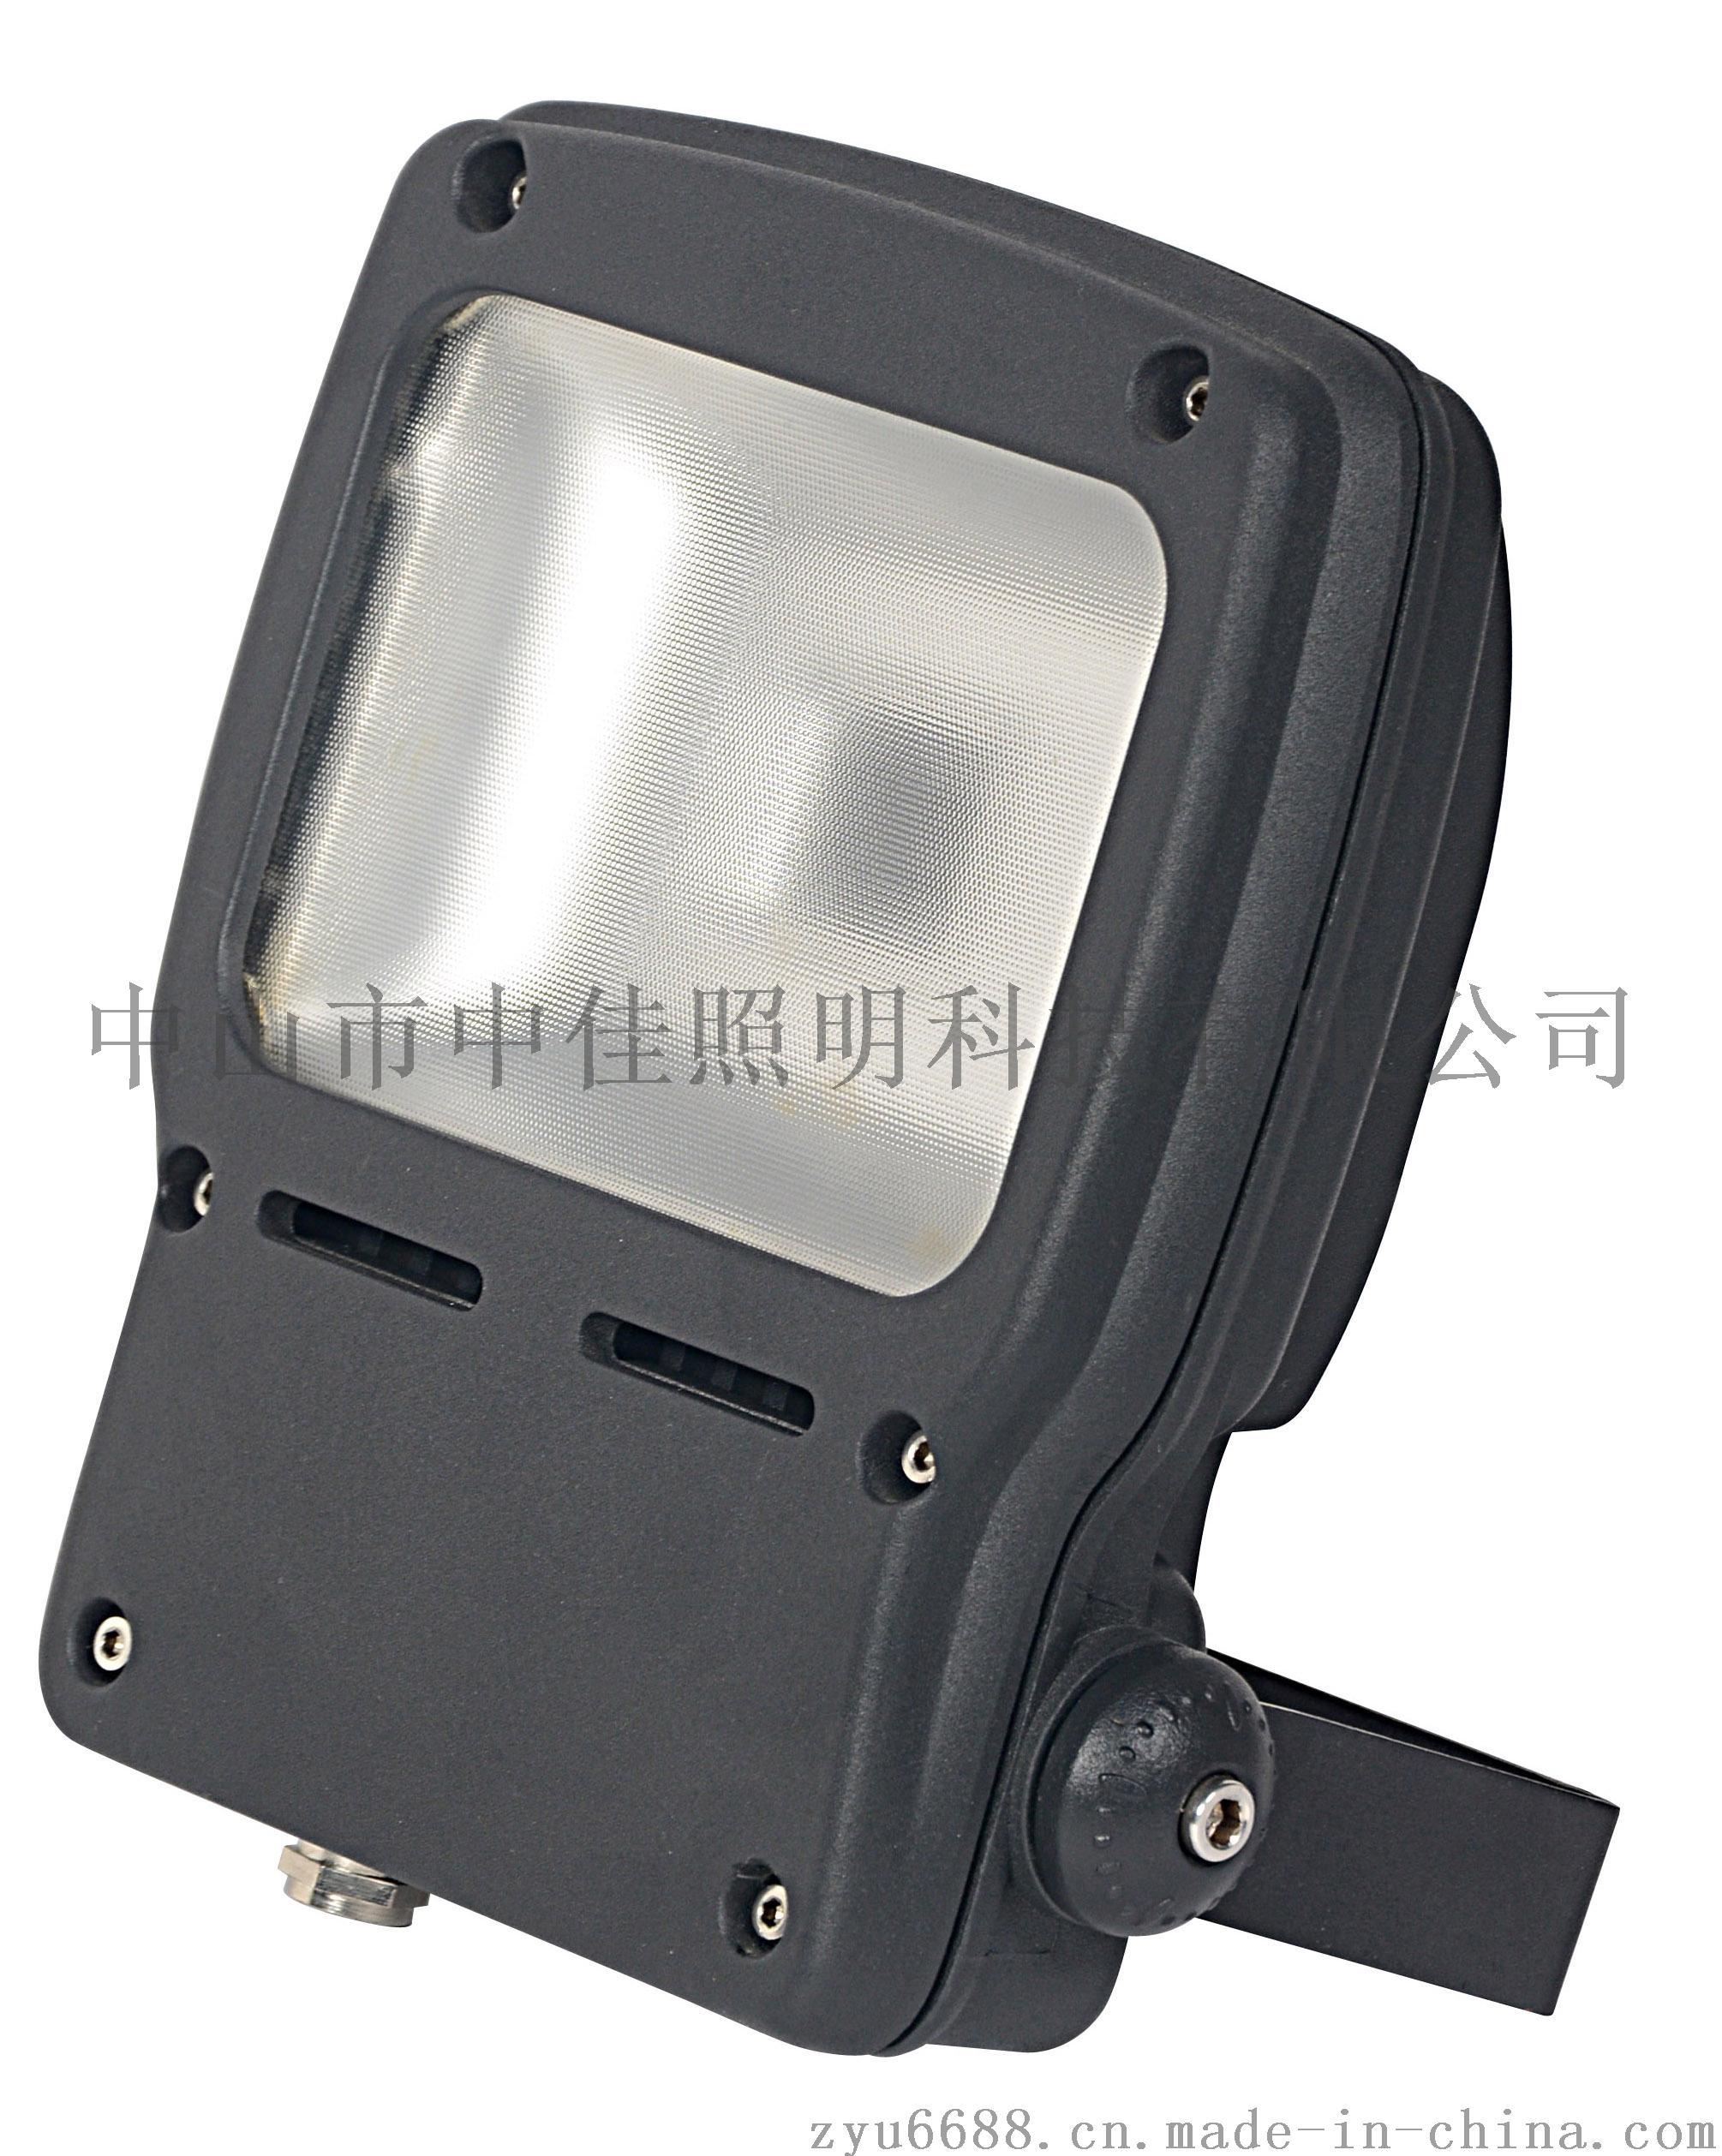 led70w投光灯厂家批发,成品质保2年711432575